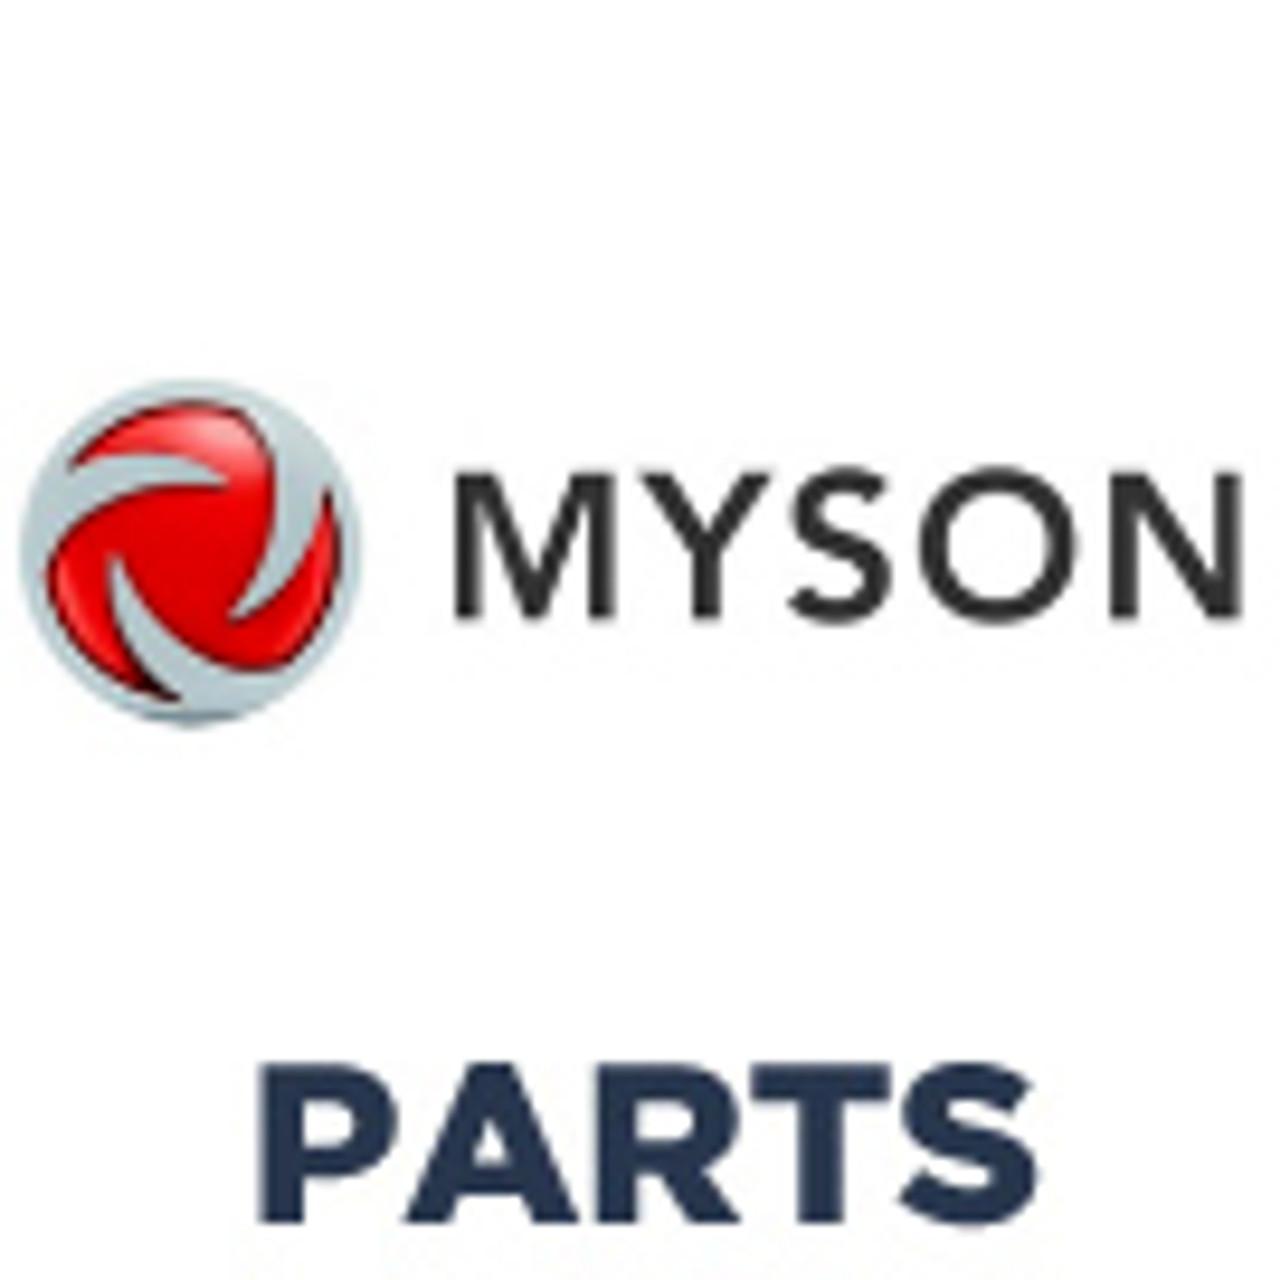 Myson Parts